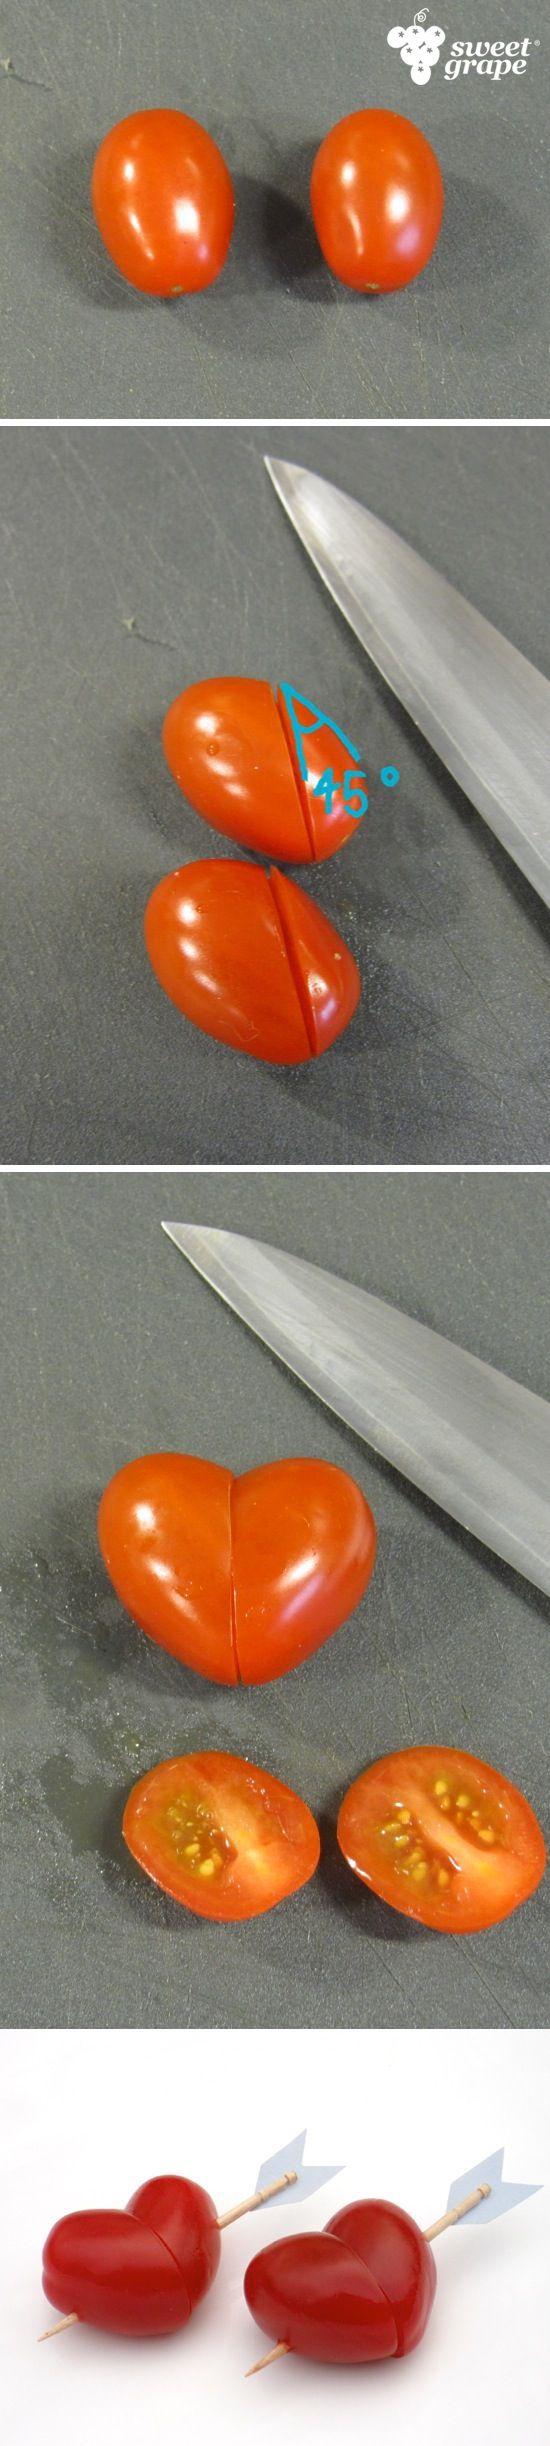 Você não precisa esperar por uma data específica para demonstrar seu amor. Use Sweet Grape para criar uma surpresa criativa s2 #amor #love #sweetgrape #tomate #heart